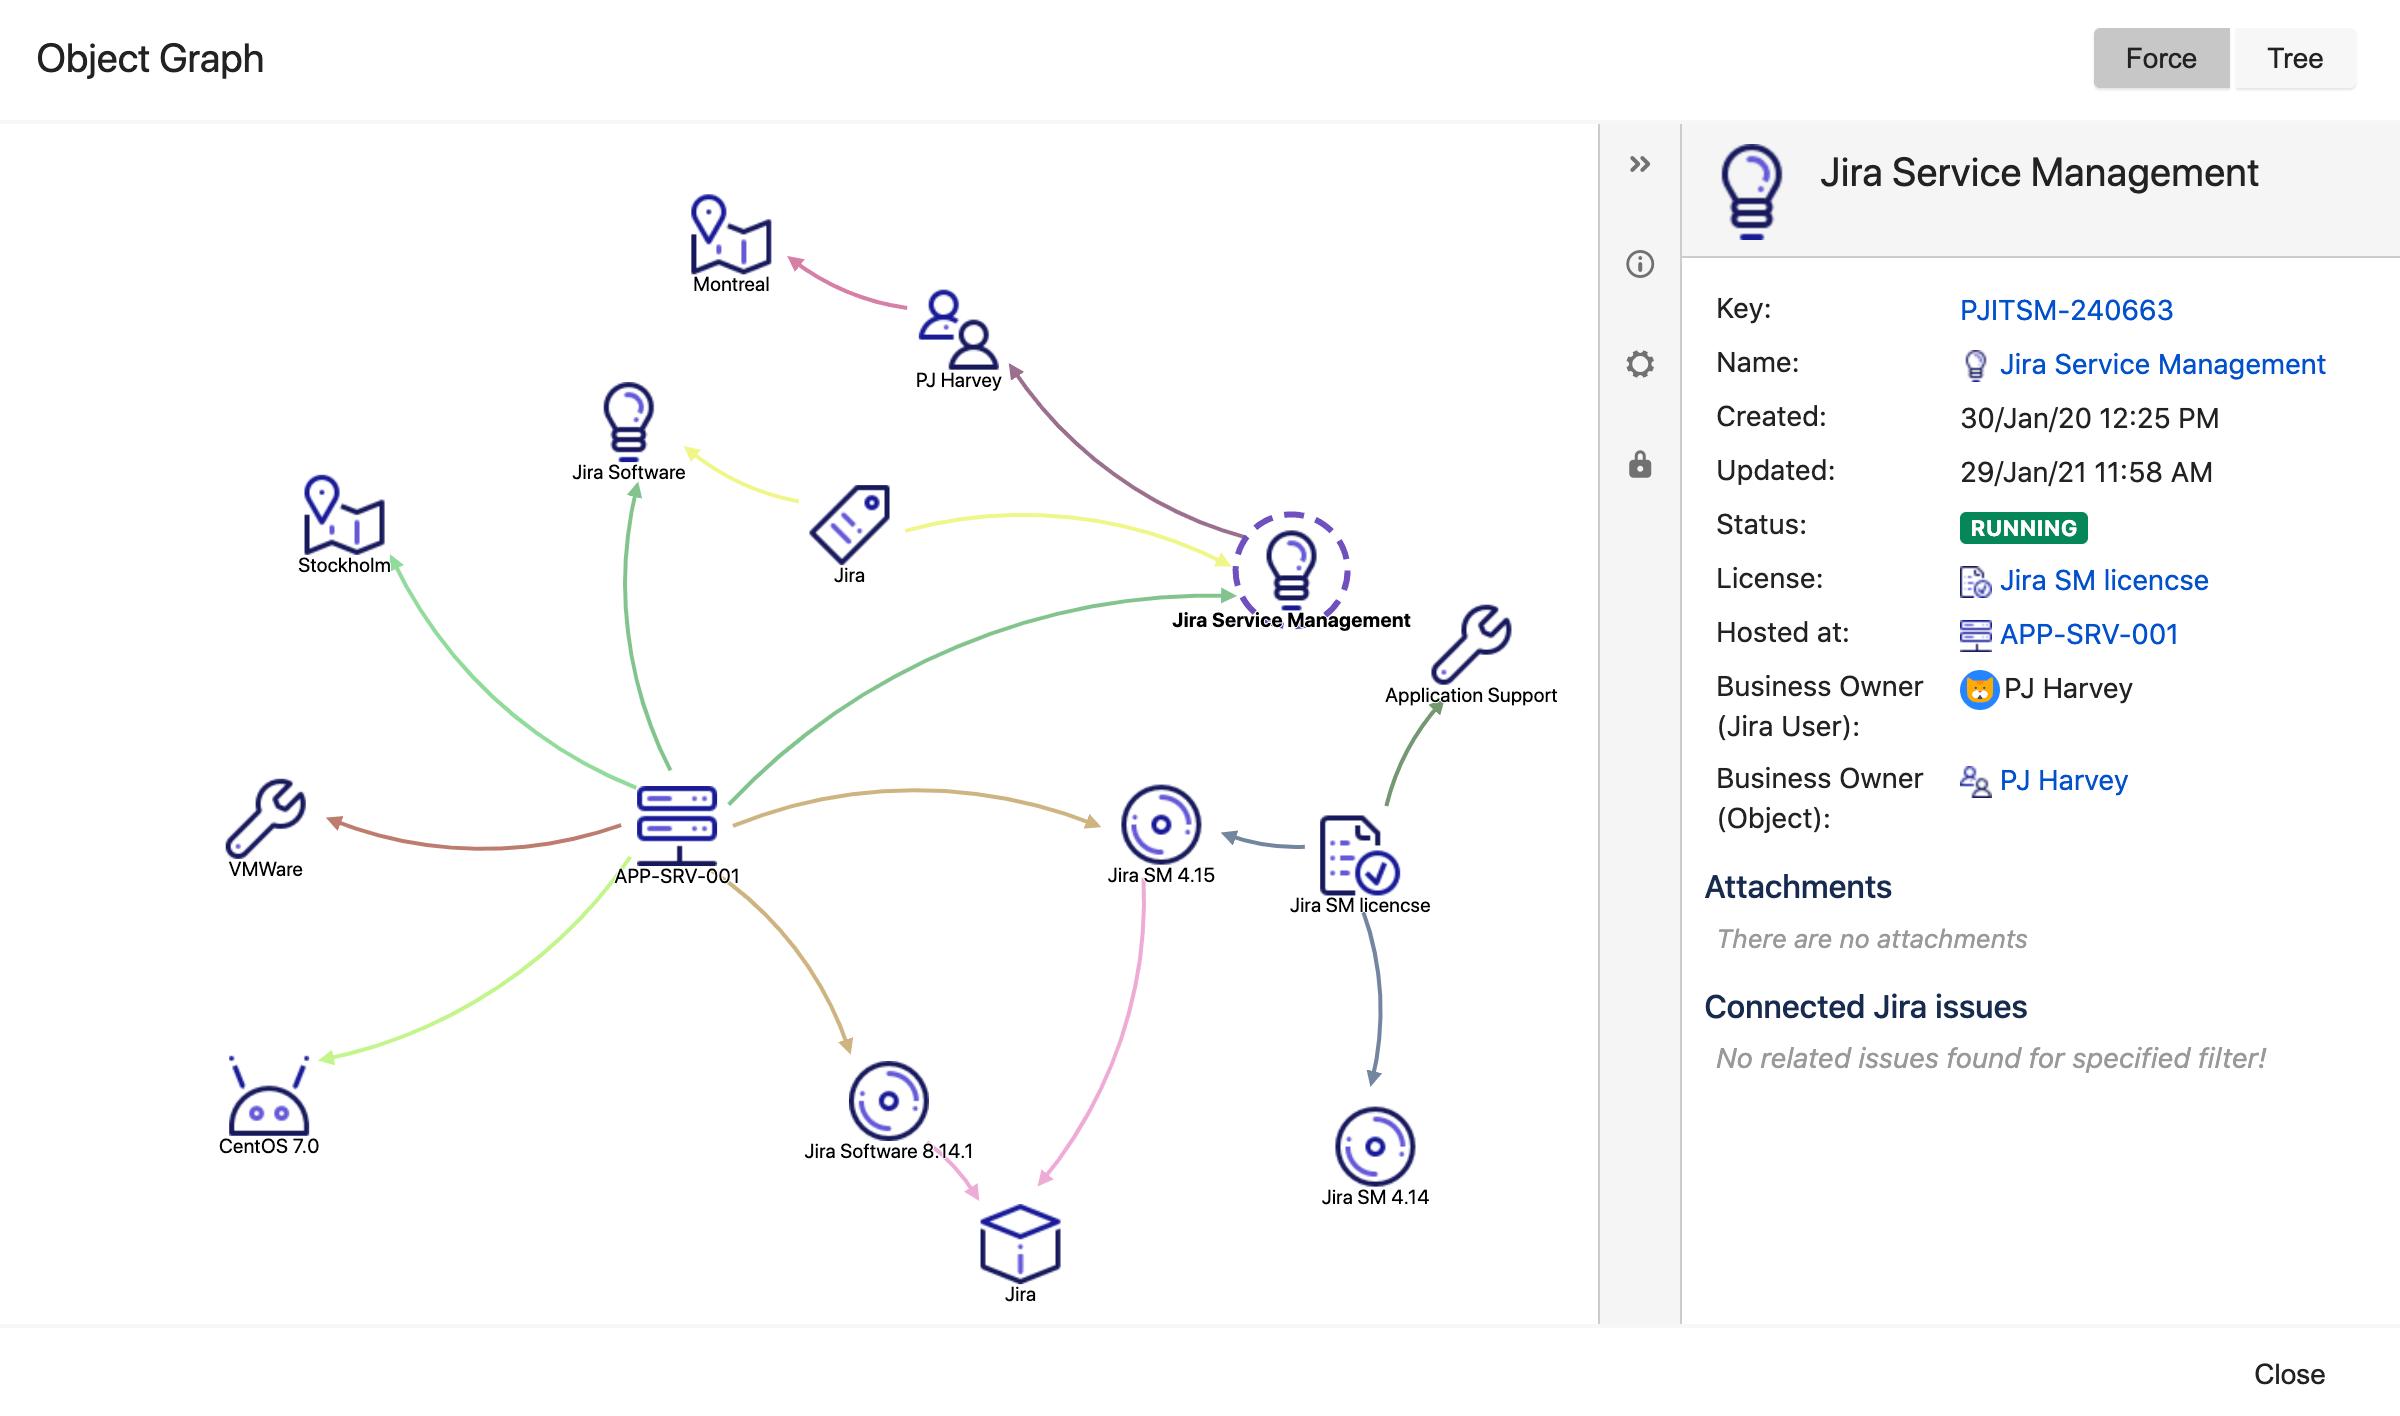 Insight grafische viewer voor het object 'Jira Service Management'. Toont afhankelijkheden zoals de hosts waarop het is ingeschakeld, hun besturingssysteem, de verschillende Jira-versies die vereist zijn en de licentie.